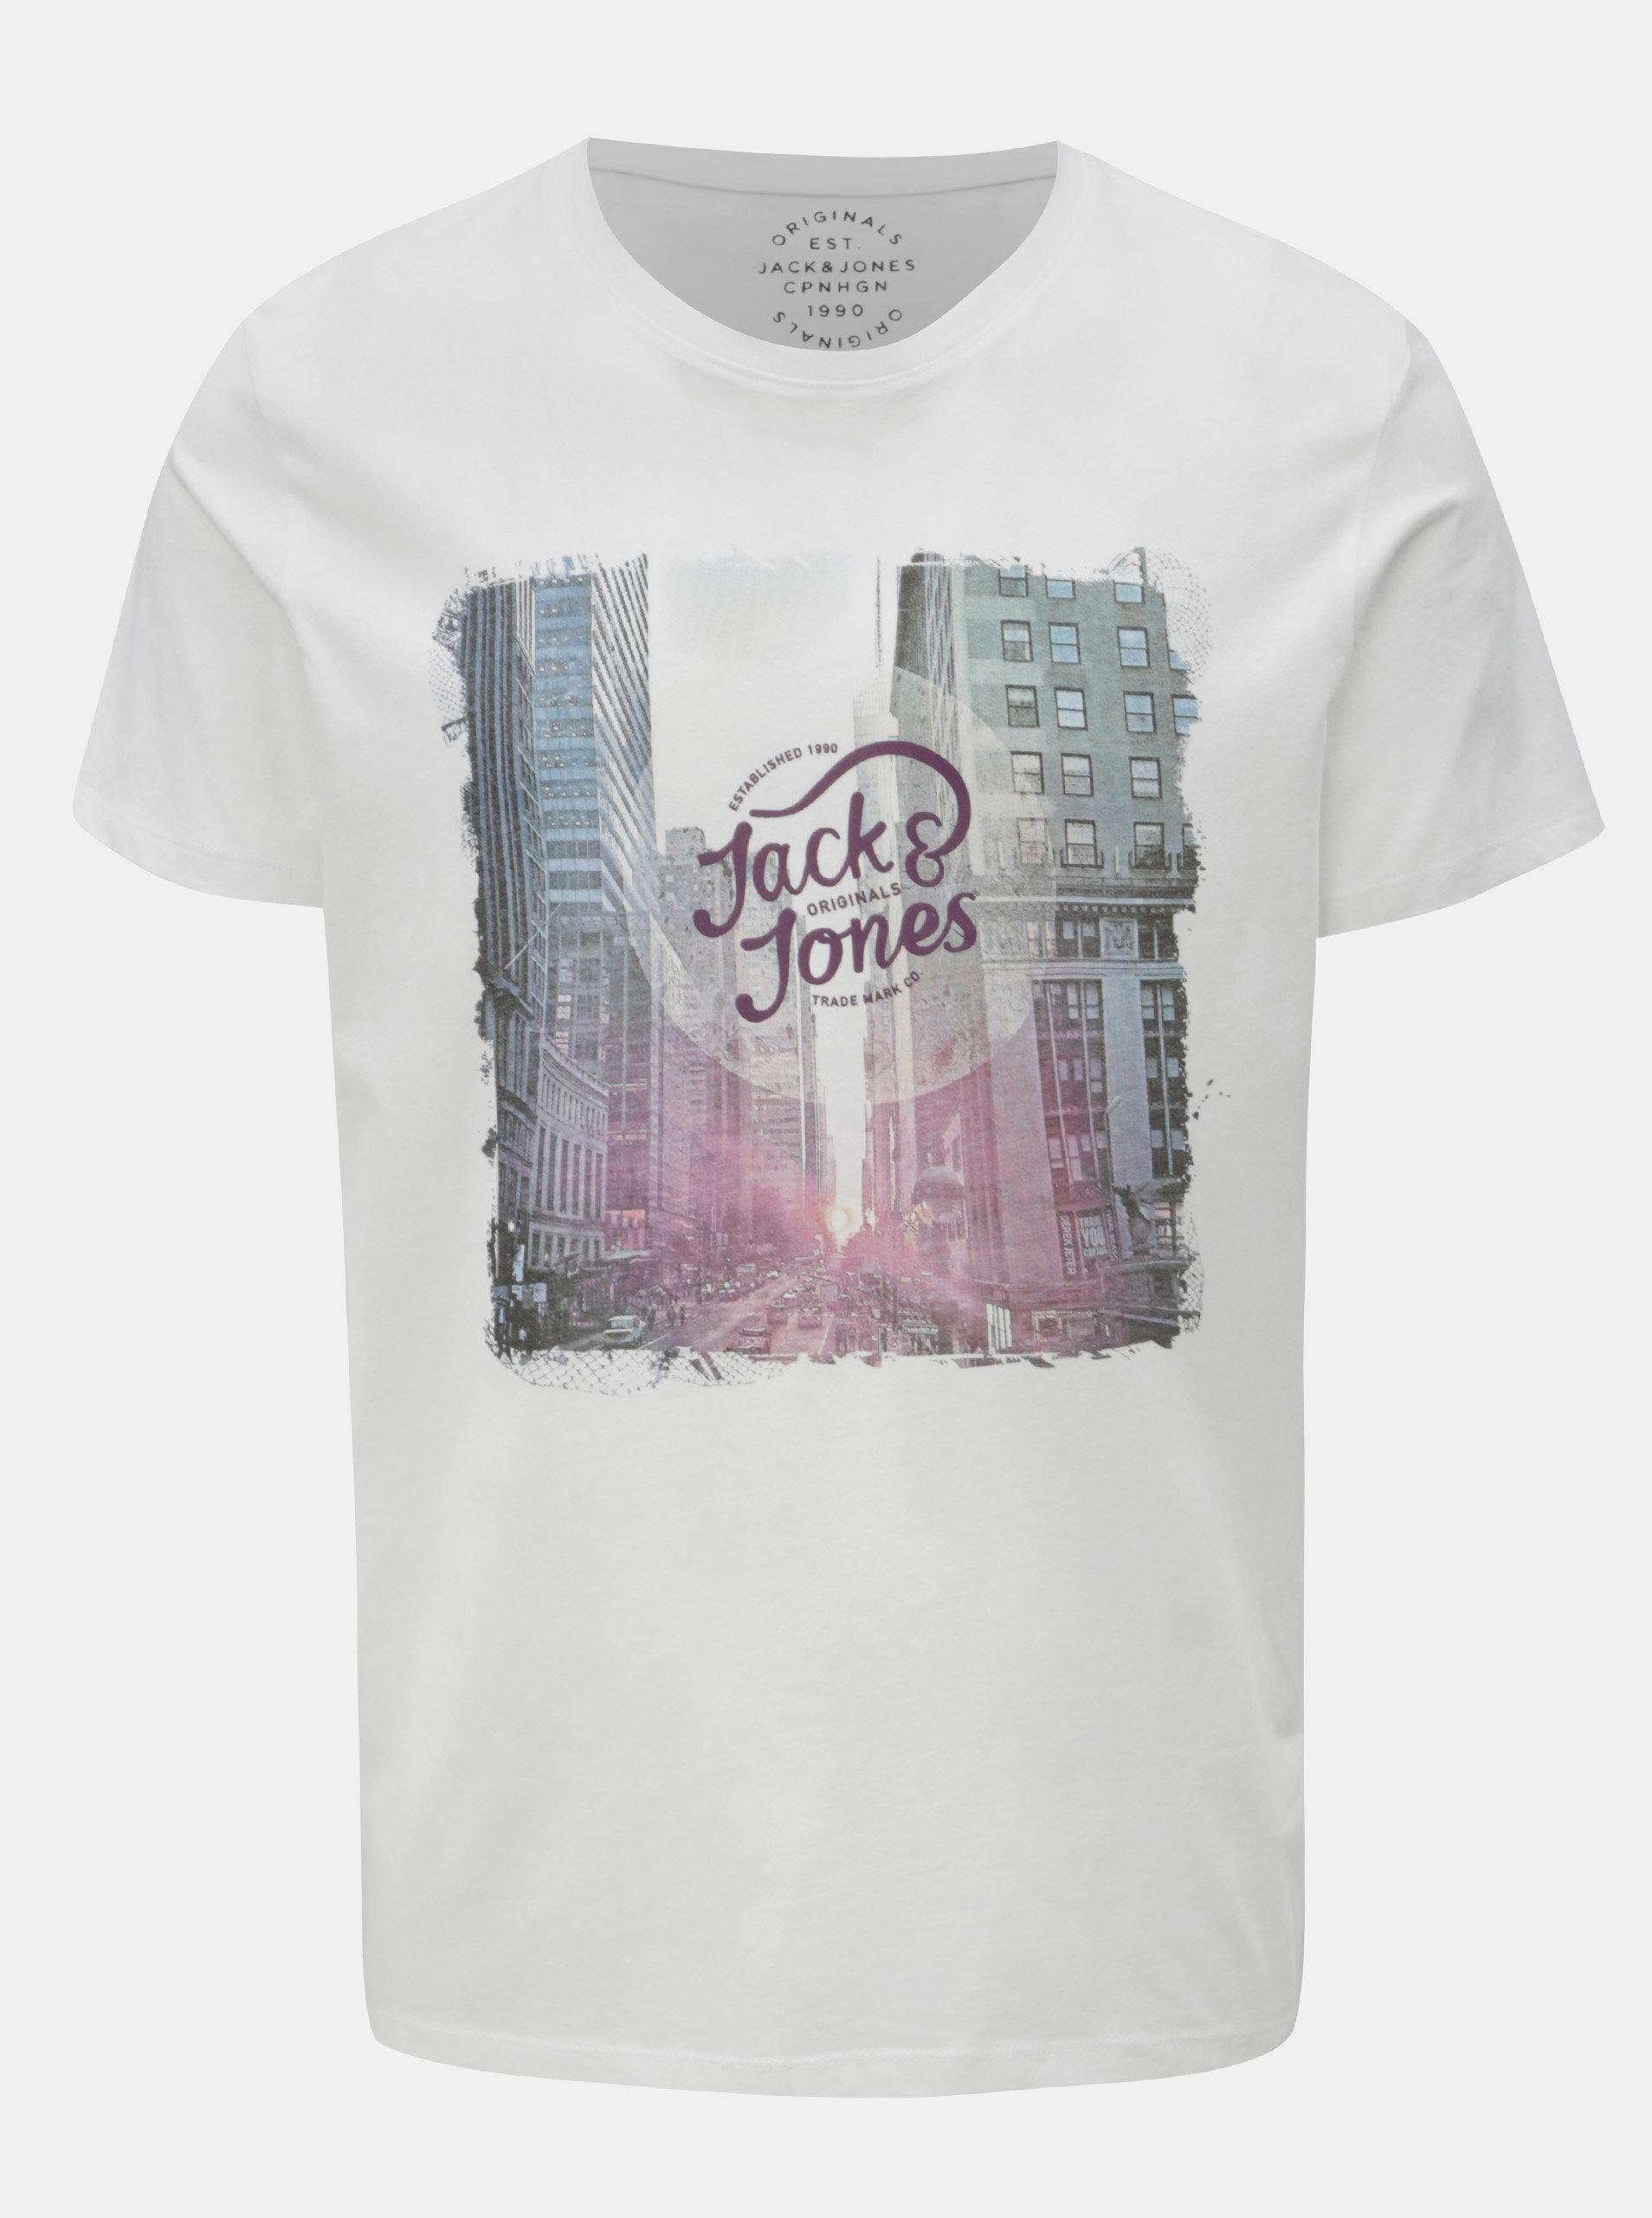 8a040a7d67 Biele tričko s potlačou a krátkym rukávom Jack   Jones Autumn city ...